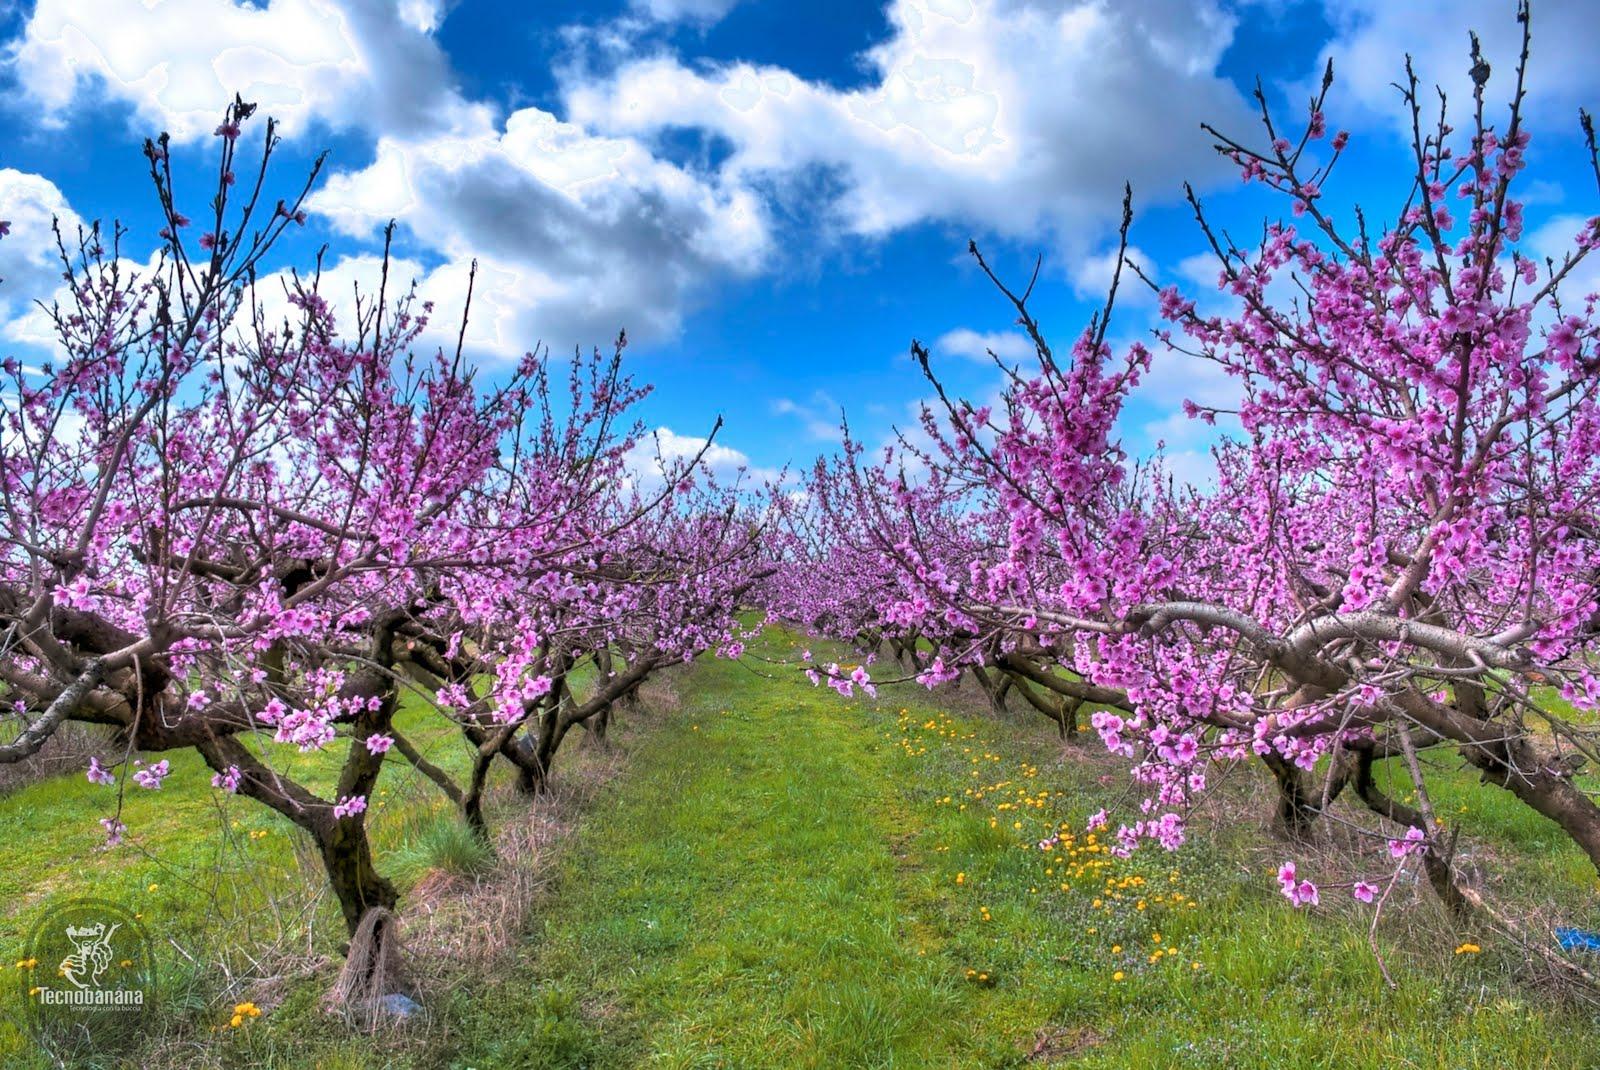 Verdi orizzonti novembre 2011 for Immagini desktop primavera